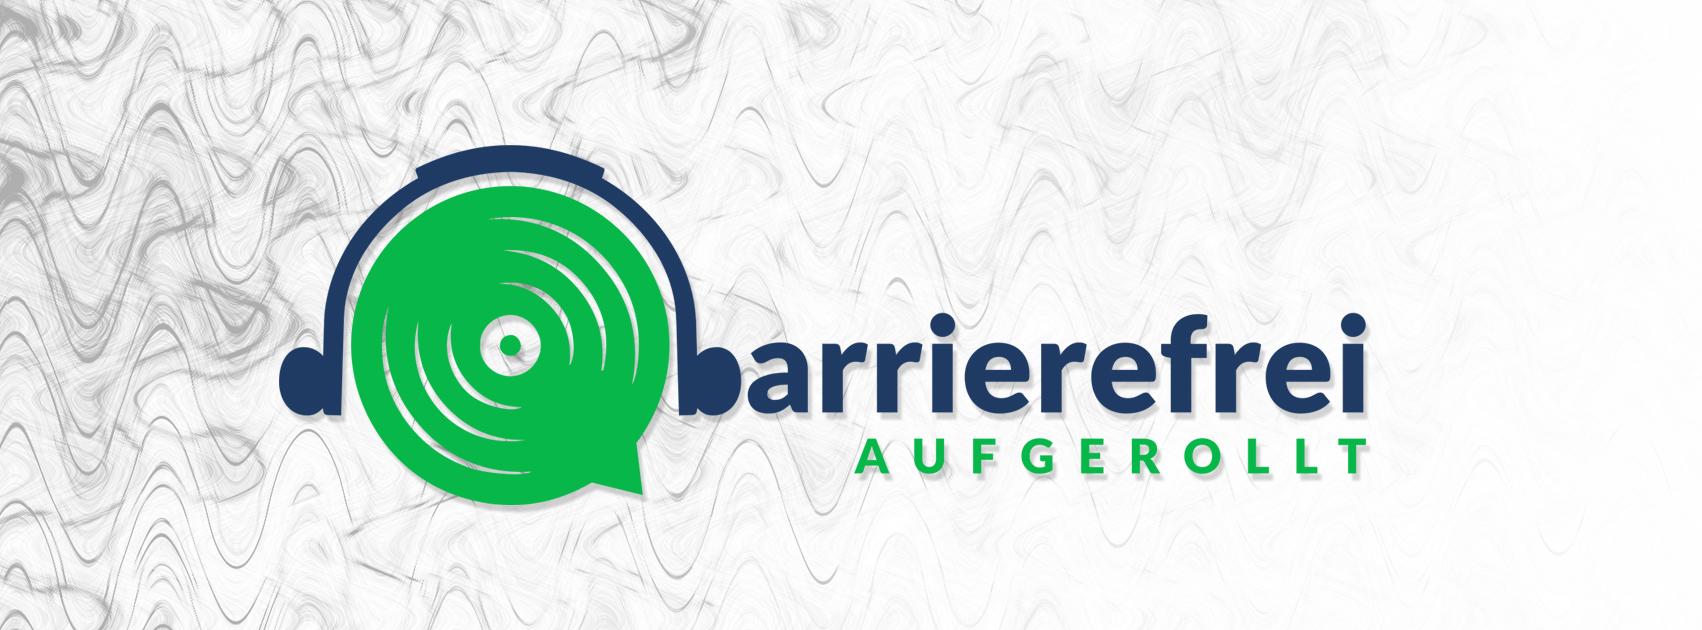 Logo: barrierefrei aufgerollt